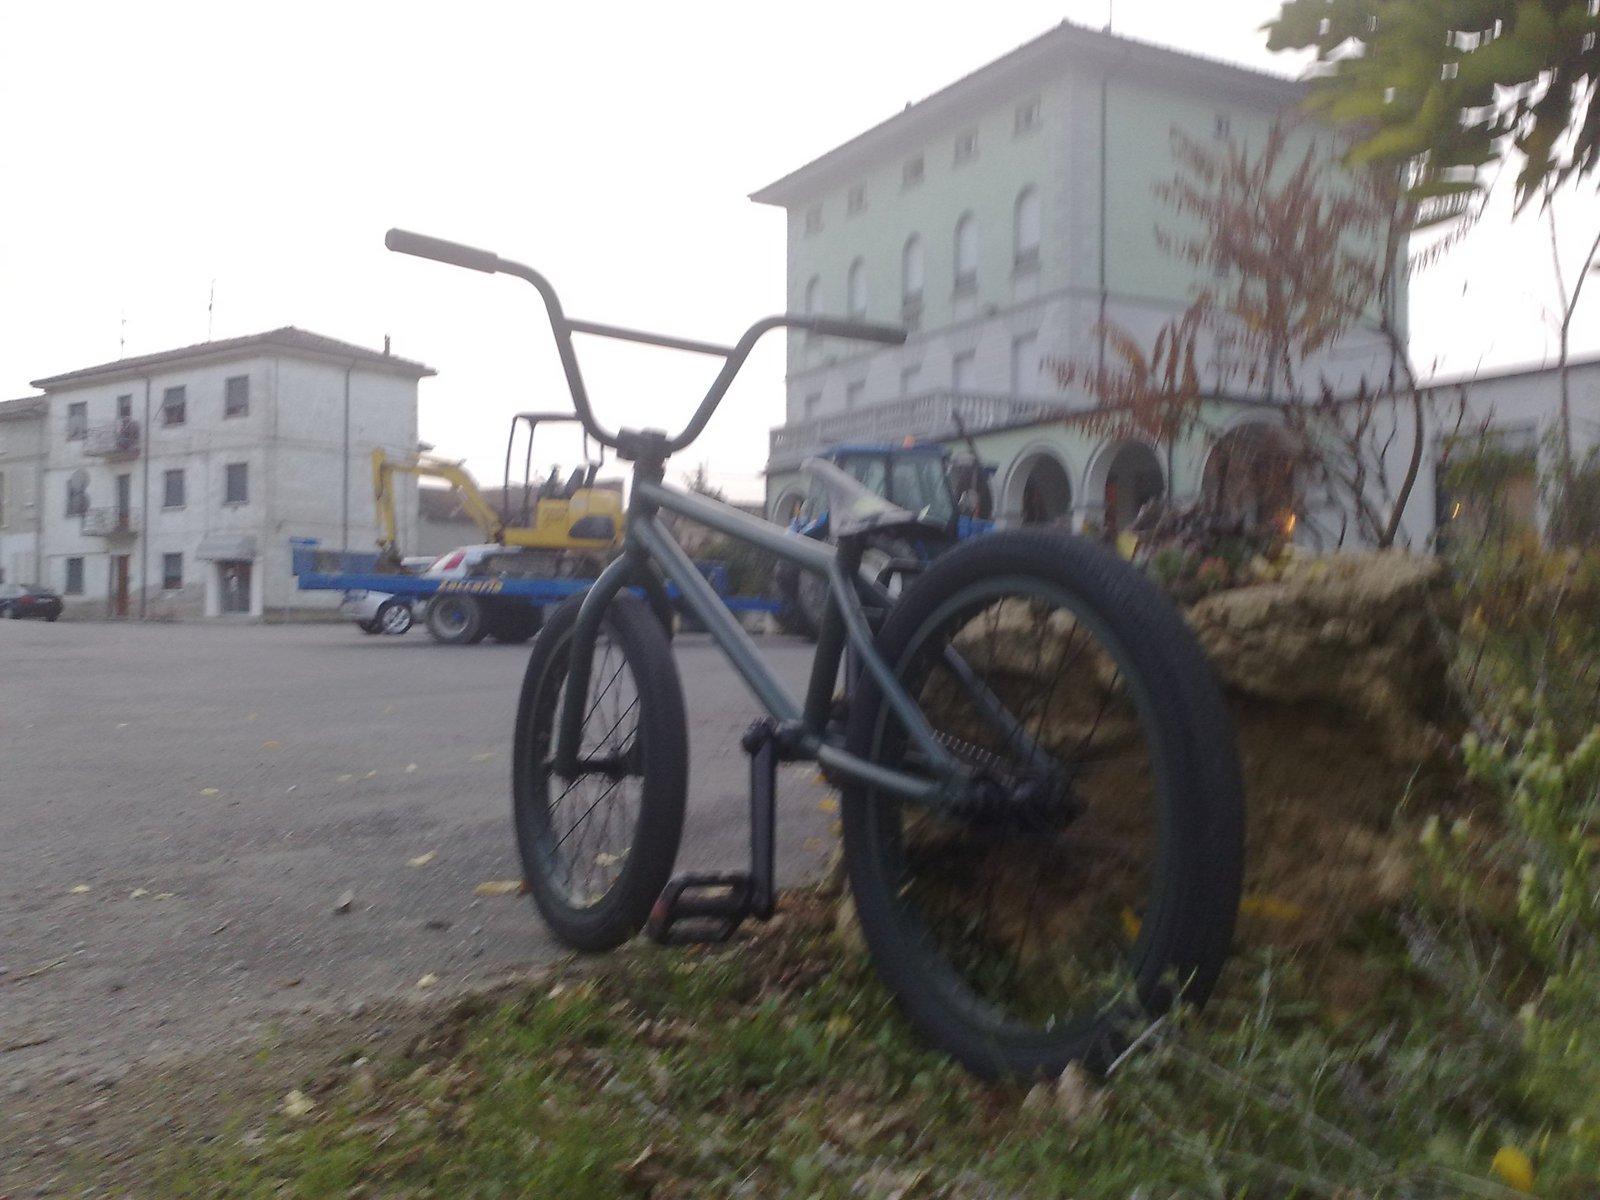 MY BMX